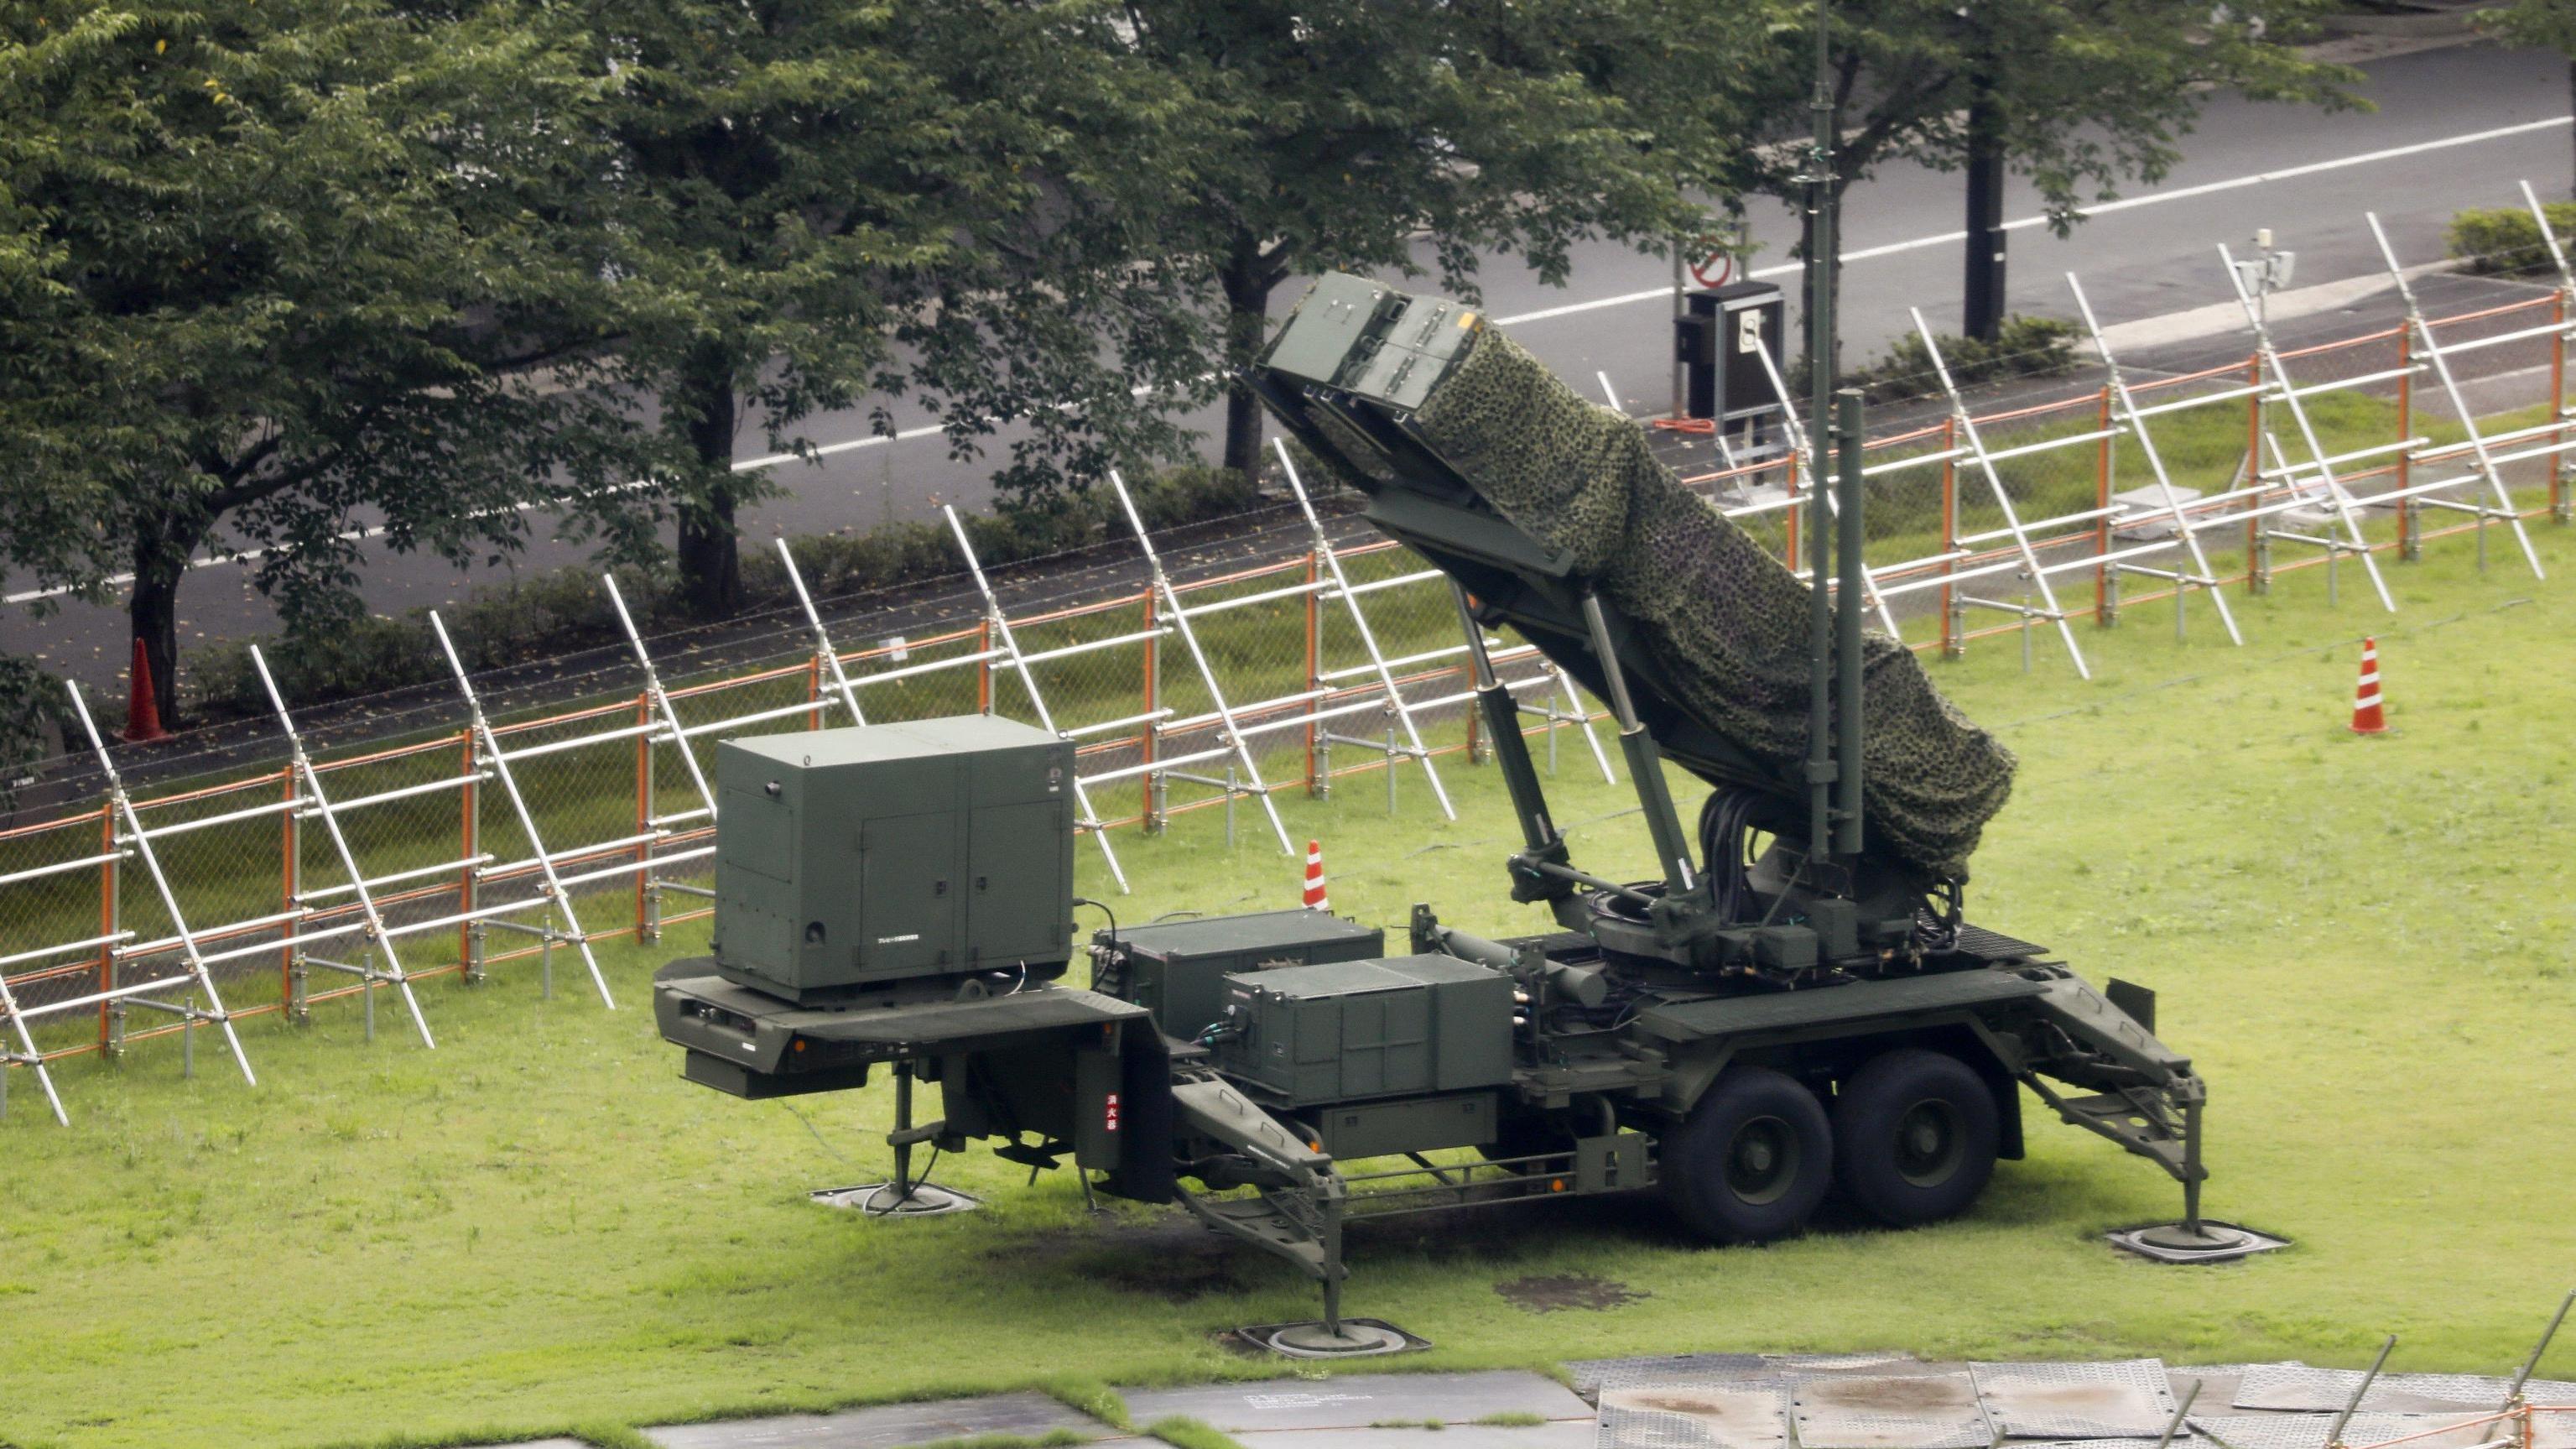 Mosca critica missili Usa in Giappone